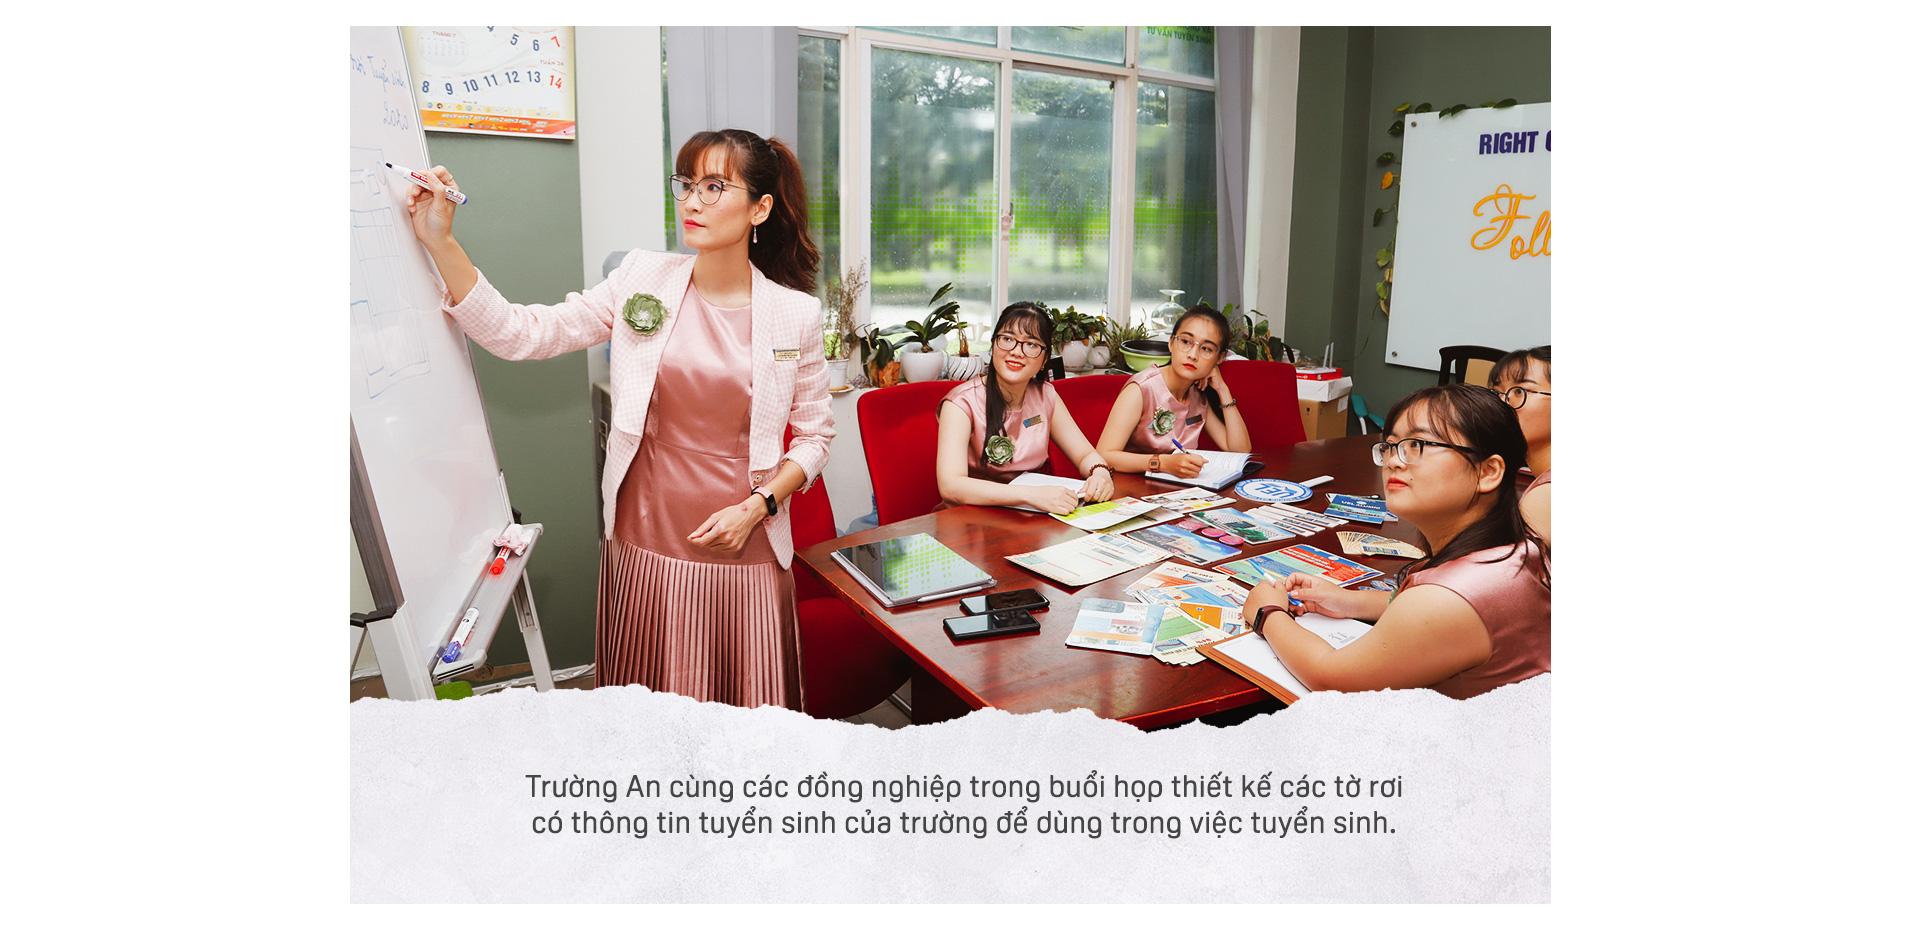 Giấc mơ của một nữ trí thức trẻ: Nhà ở gần nơi làm việc - Ảnh 7.